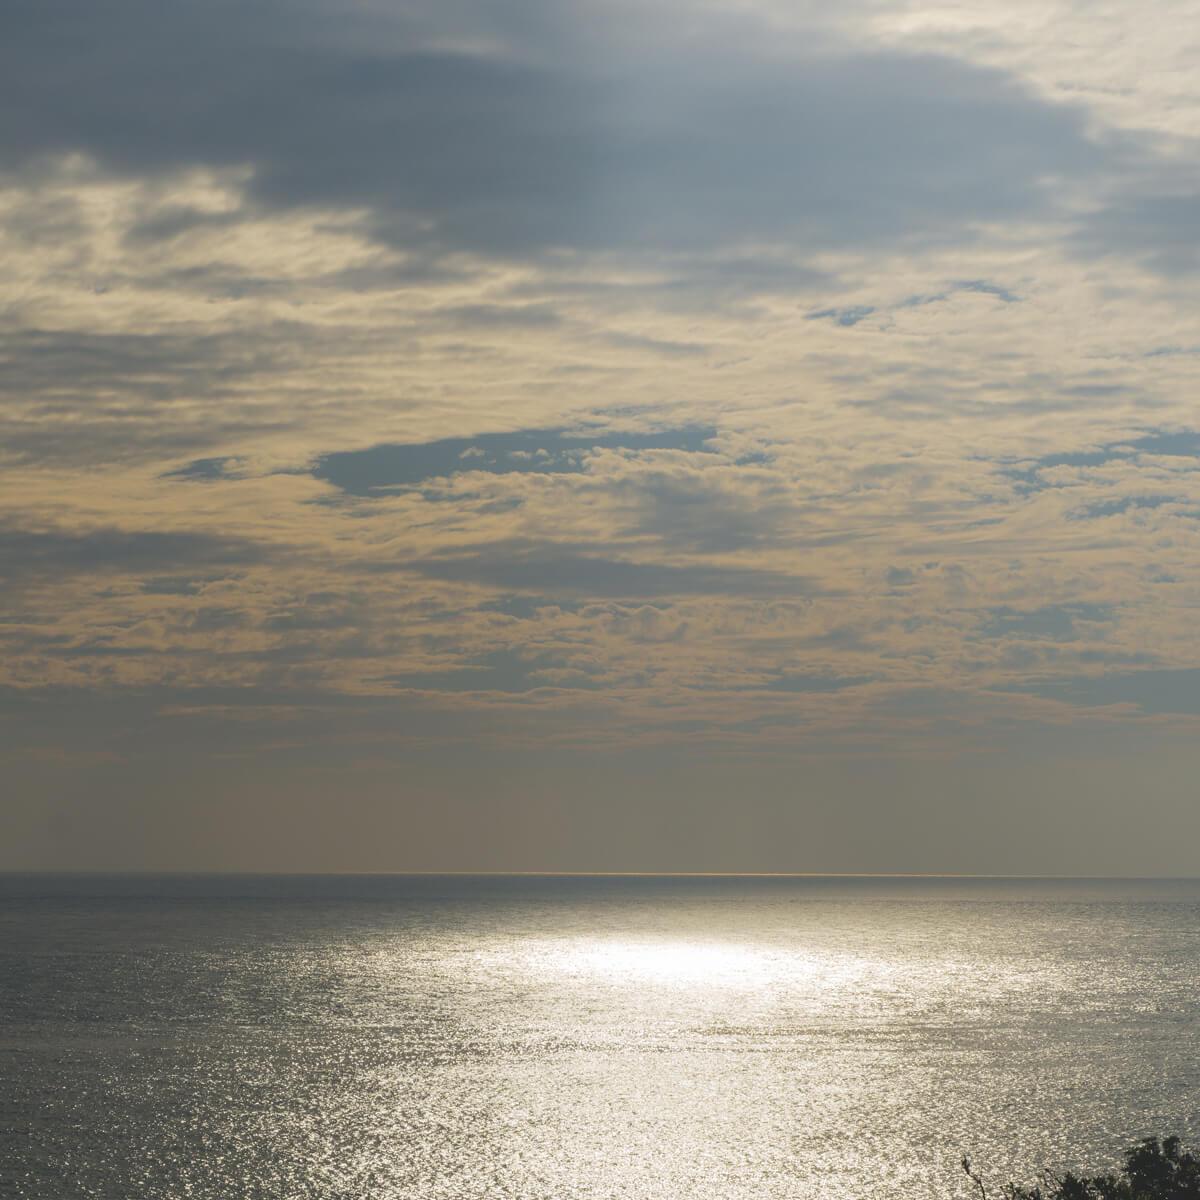 屋久島の海、空 キラキラの海面 屋久島海とジュエリー オーダーメイドマリッジリングのモチーフ